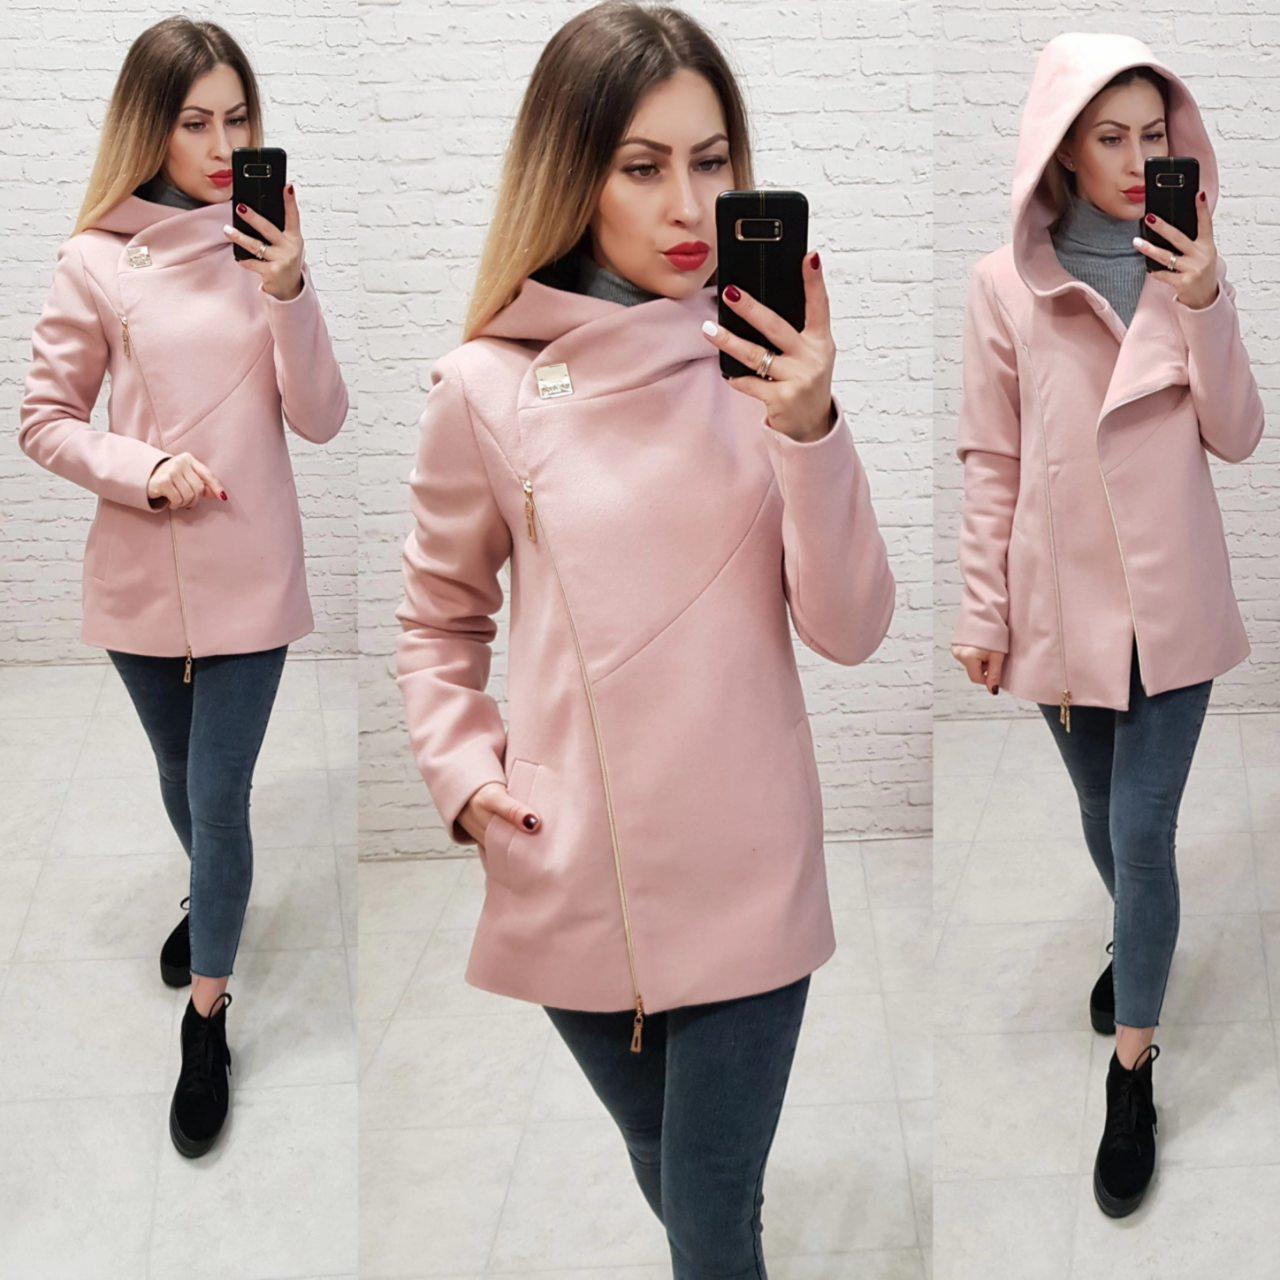 """Пальто с капюшоном короткое арт. 156 с капюшоном розовая пудра: продажа,  цена в Одессе. пальто женские от """"Интернет магазин женской одежды Khan"""" -  922145517"""